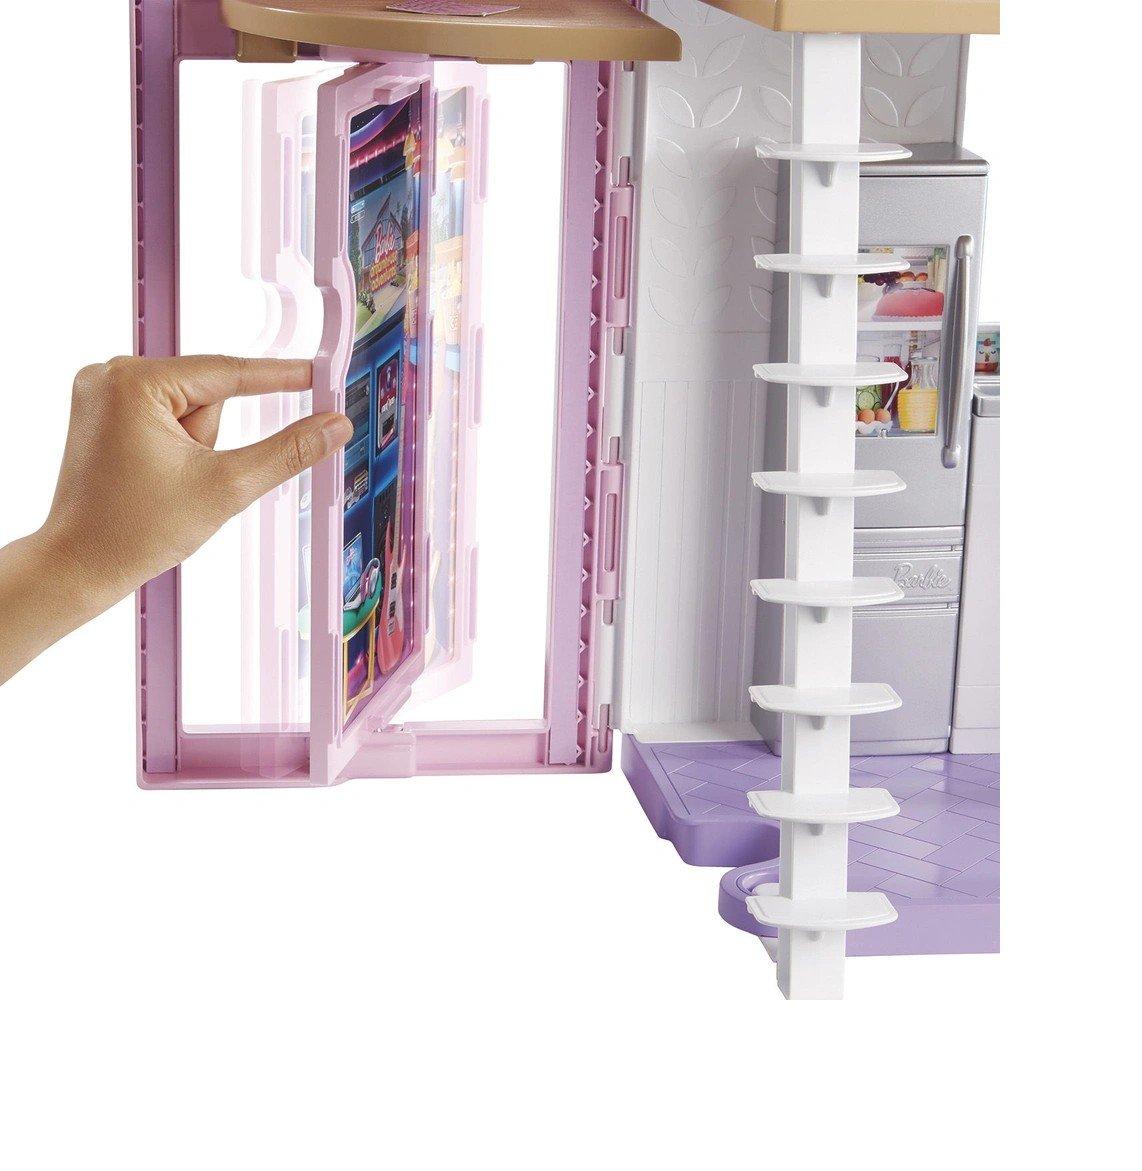 Playset Barbie 90 Cm Casa Da Barbie Casa Malibu - Mattel Fxg57